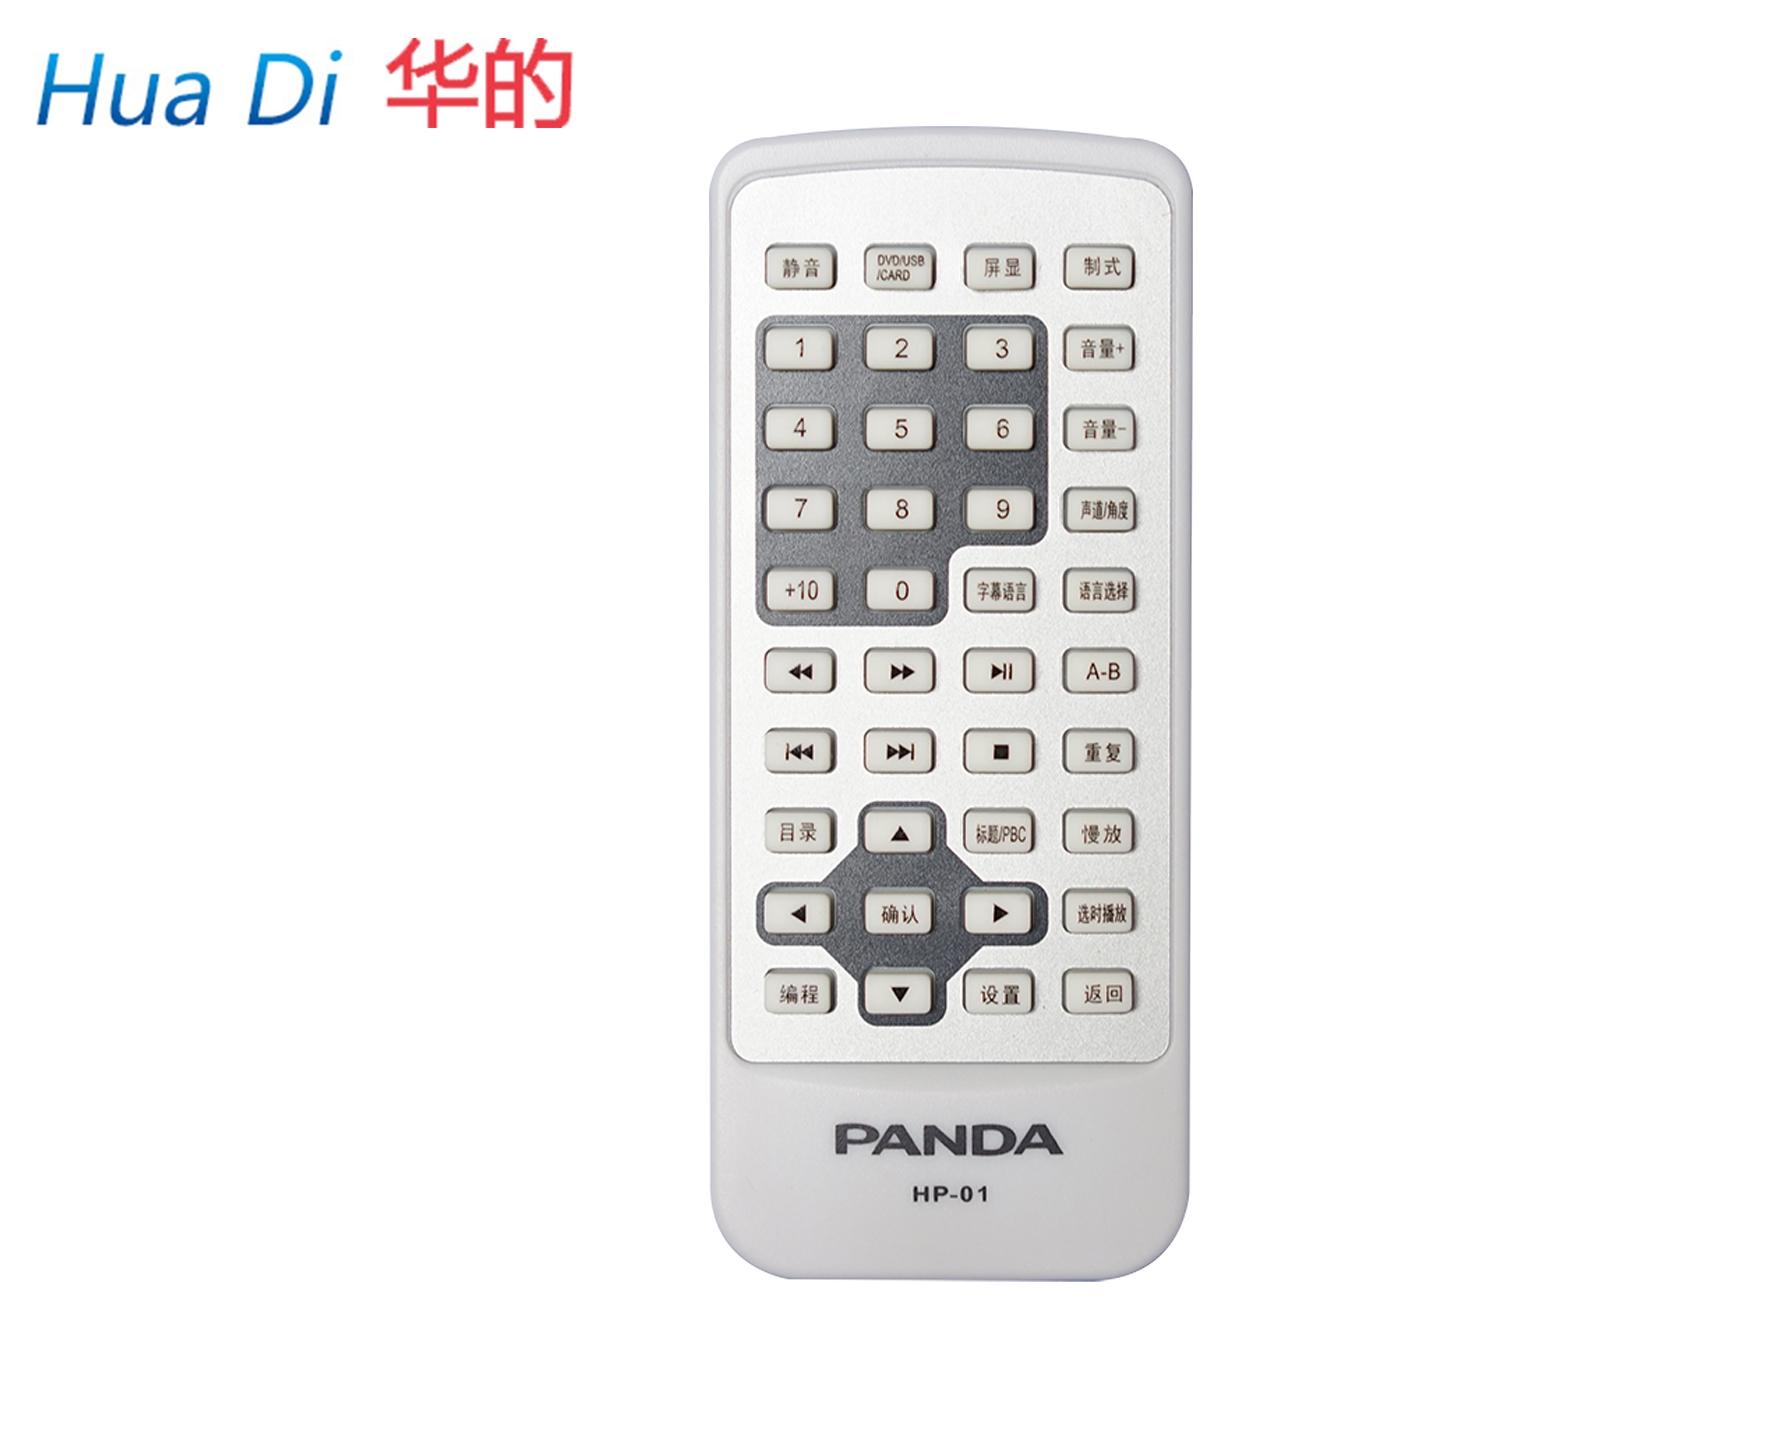 多媒体遥控器HD40B